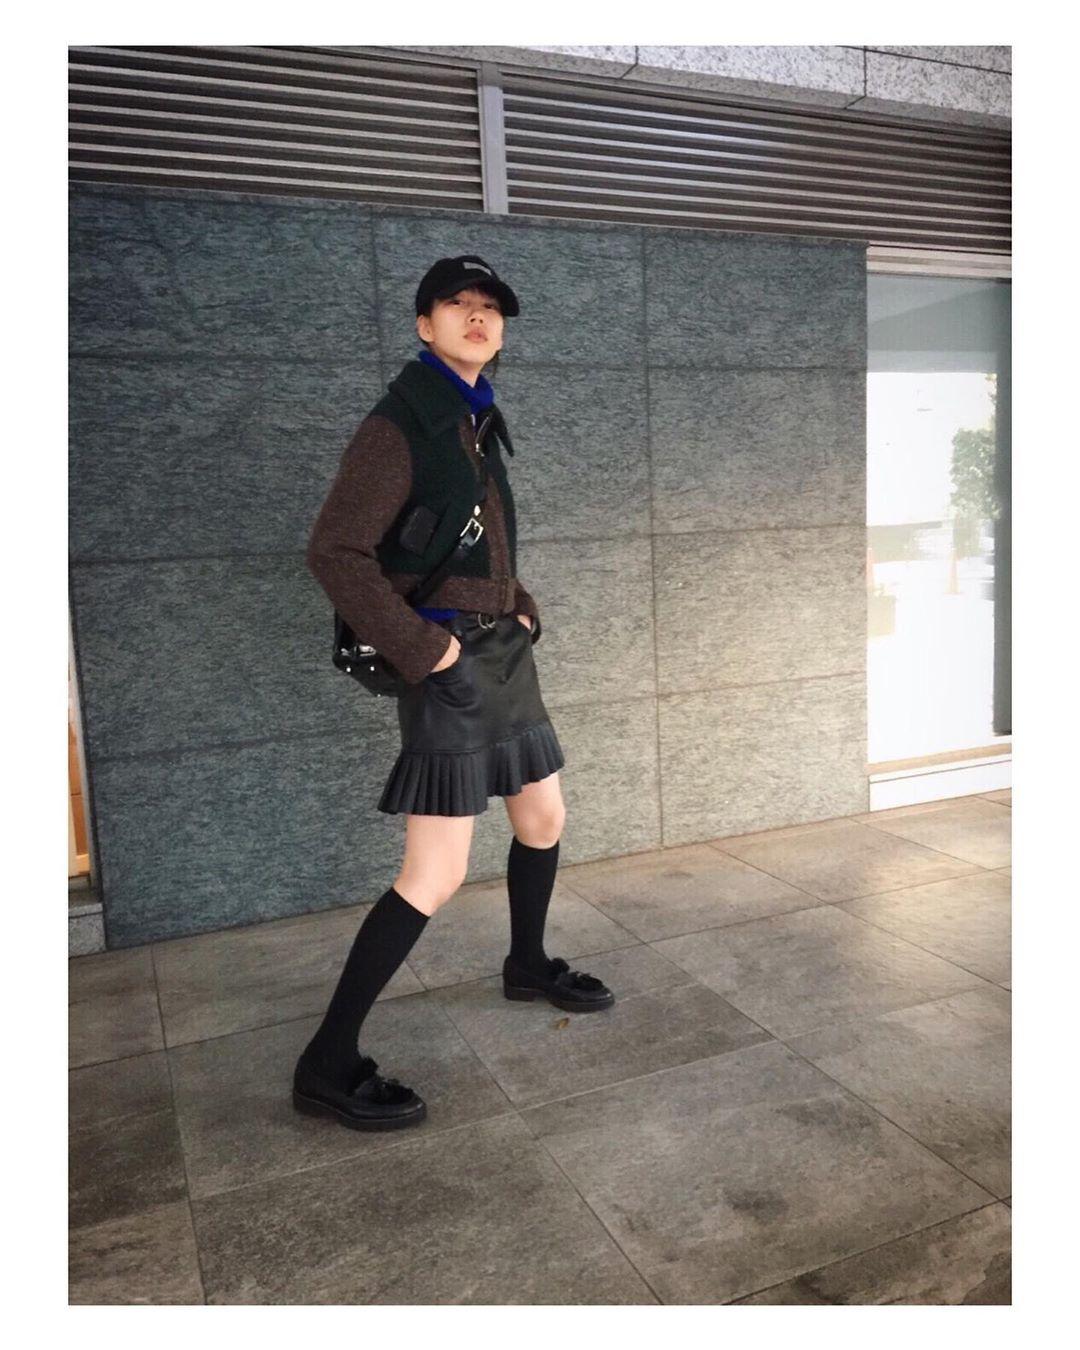 能年玲奈穿着短袜和迷你裙的身姿 粉丝们只能说可爱